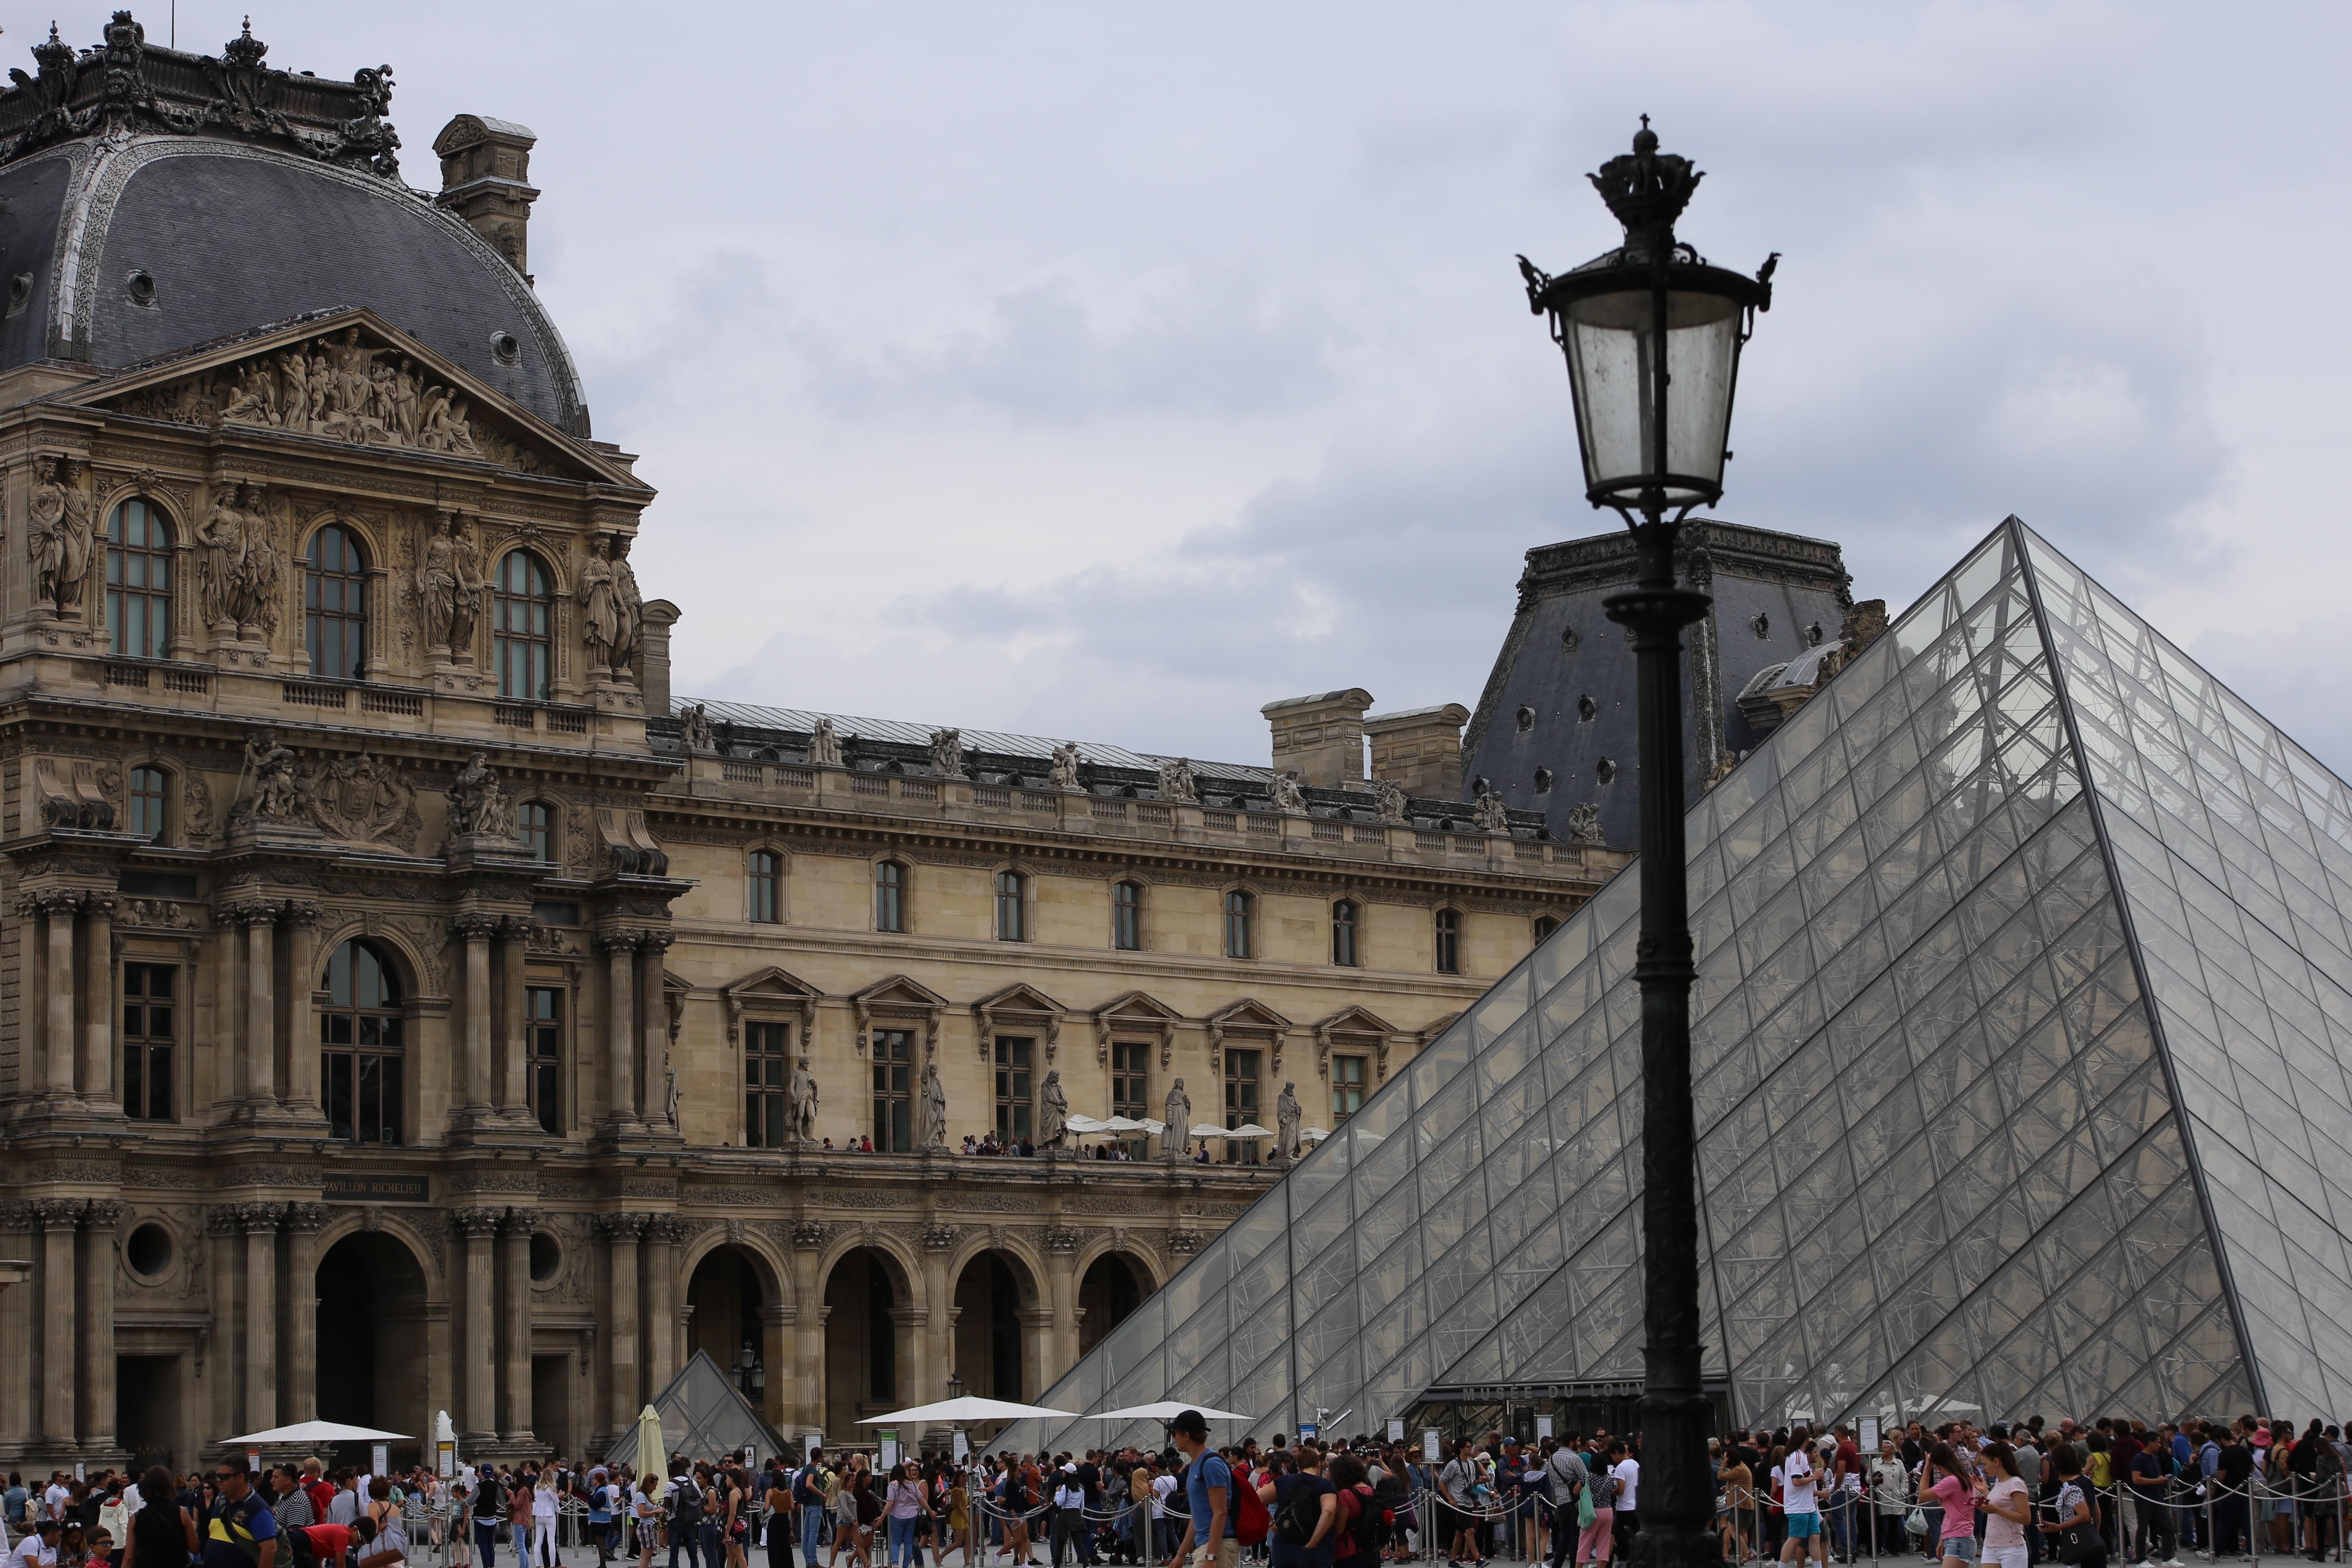 louvre-wochenende-in-paris-reiseblogger-tipps-reiseübelkeit-reisen-frankreich